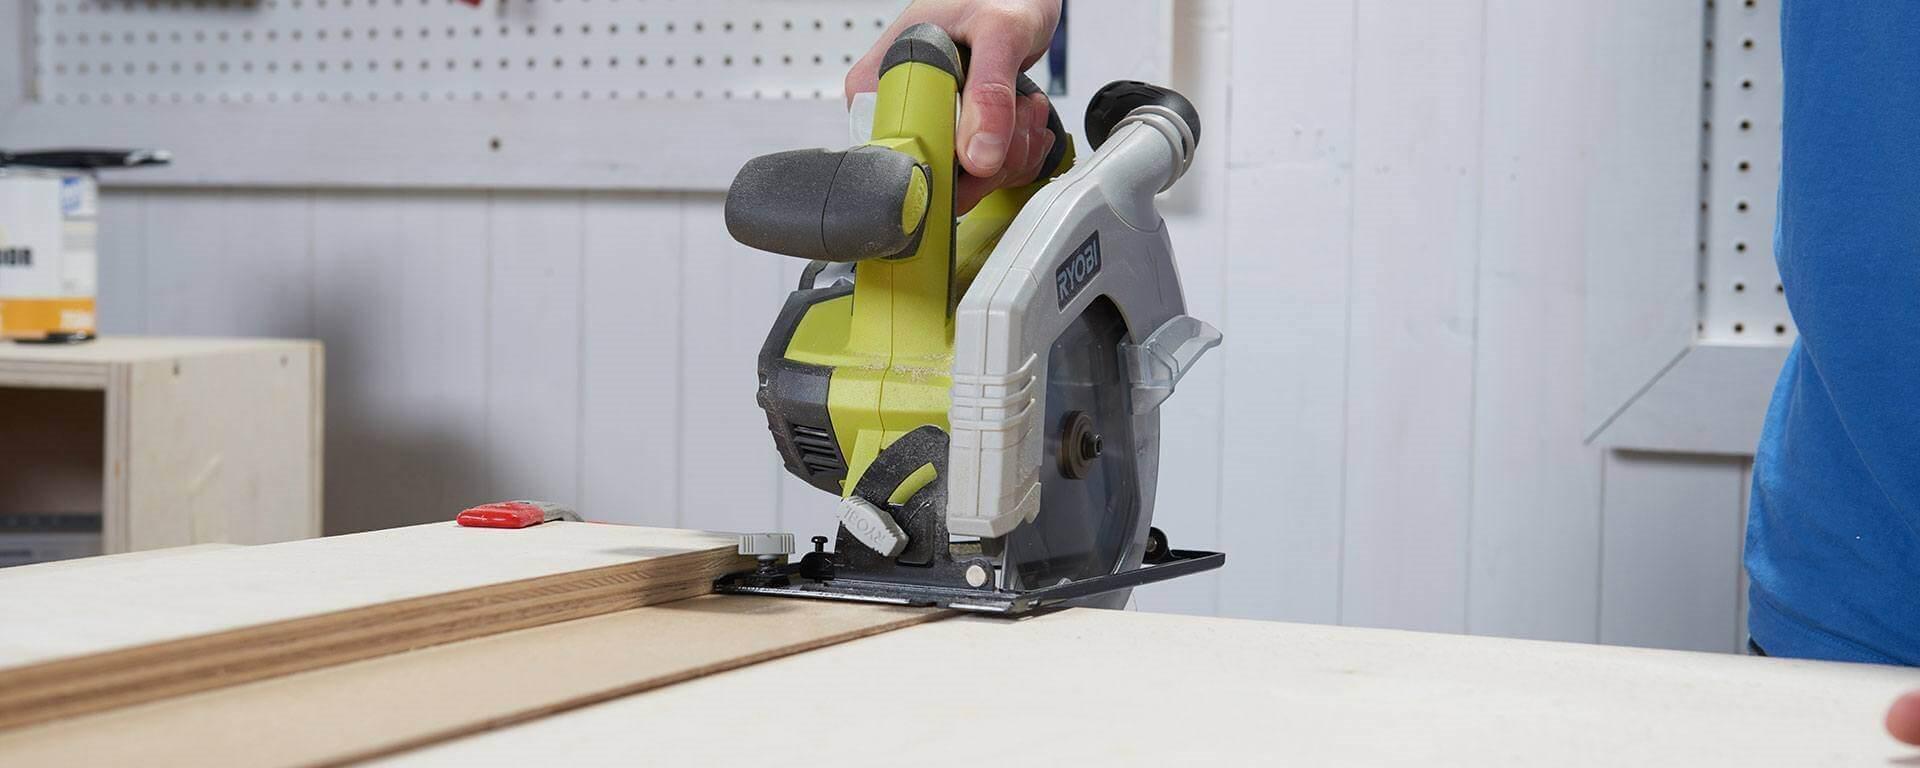 Fabriquer un meuble tv en bois contreplaqu - Fabriquer un chevalet pour couper le bois ...